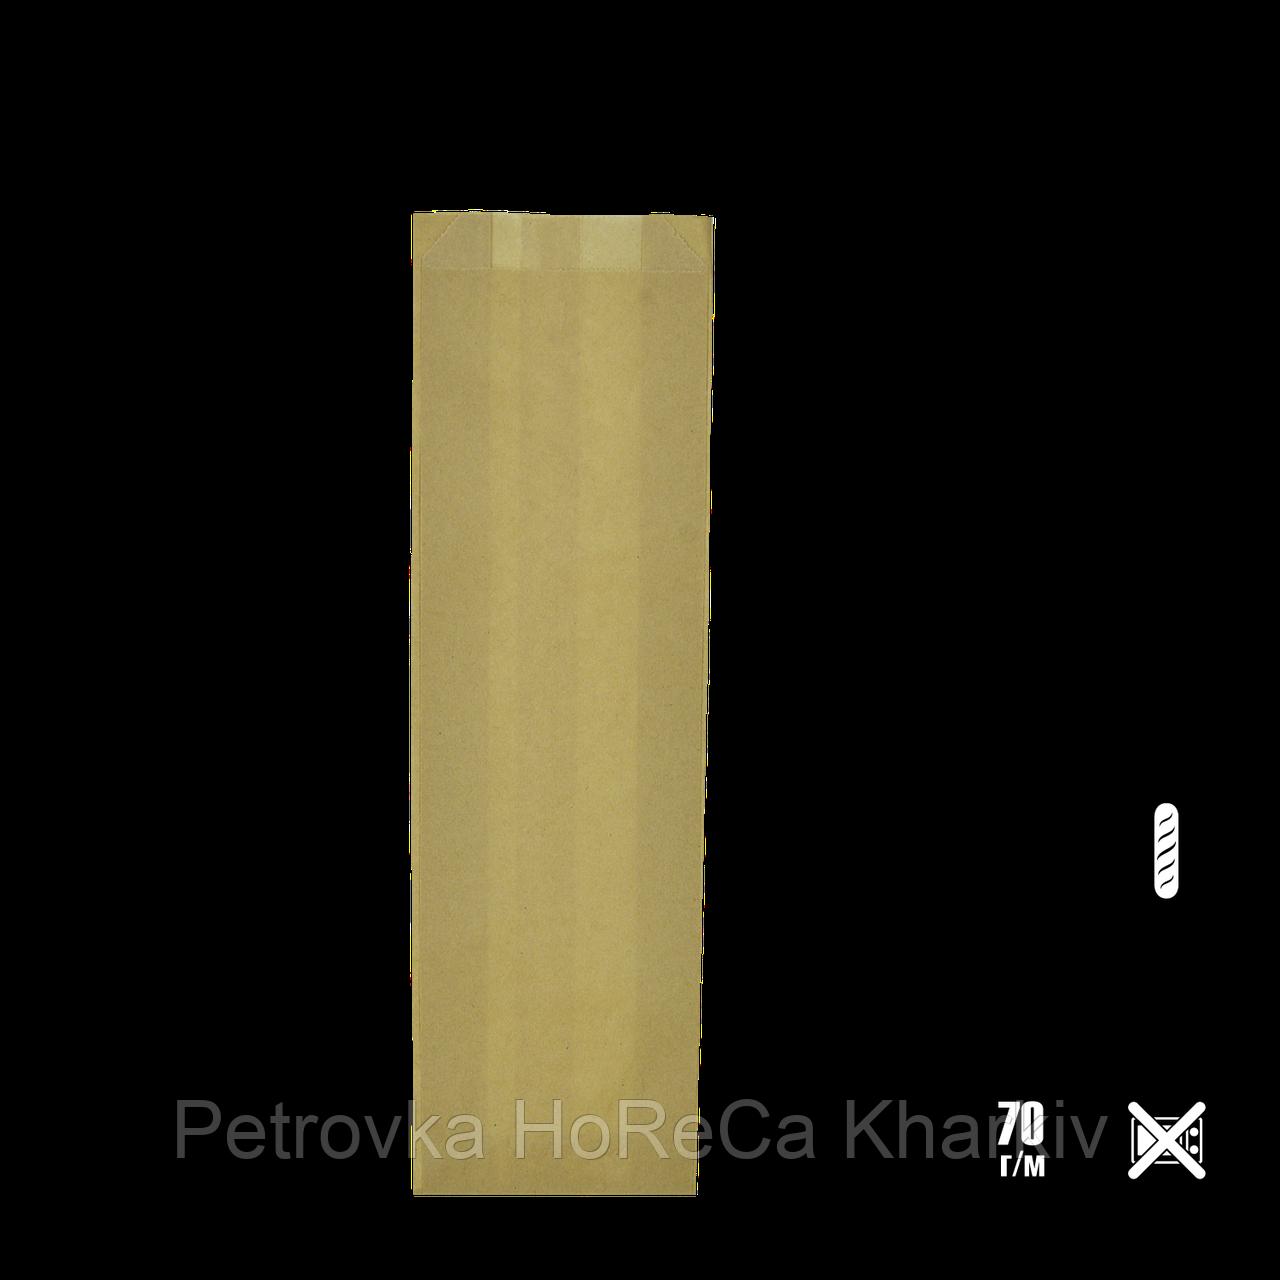 Бумажный пакет без ручек крафтовый 310х100х30мм (ВхШхГ) 70г/м² 100шт (100)